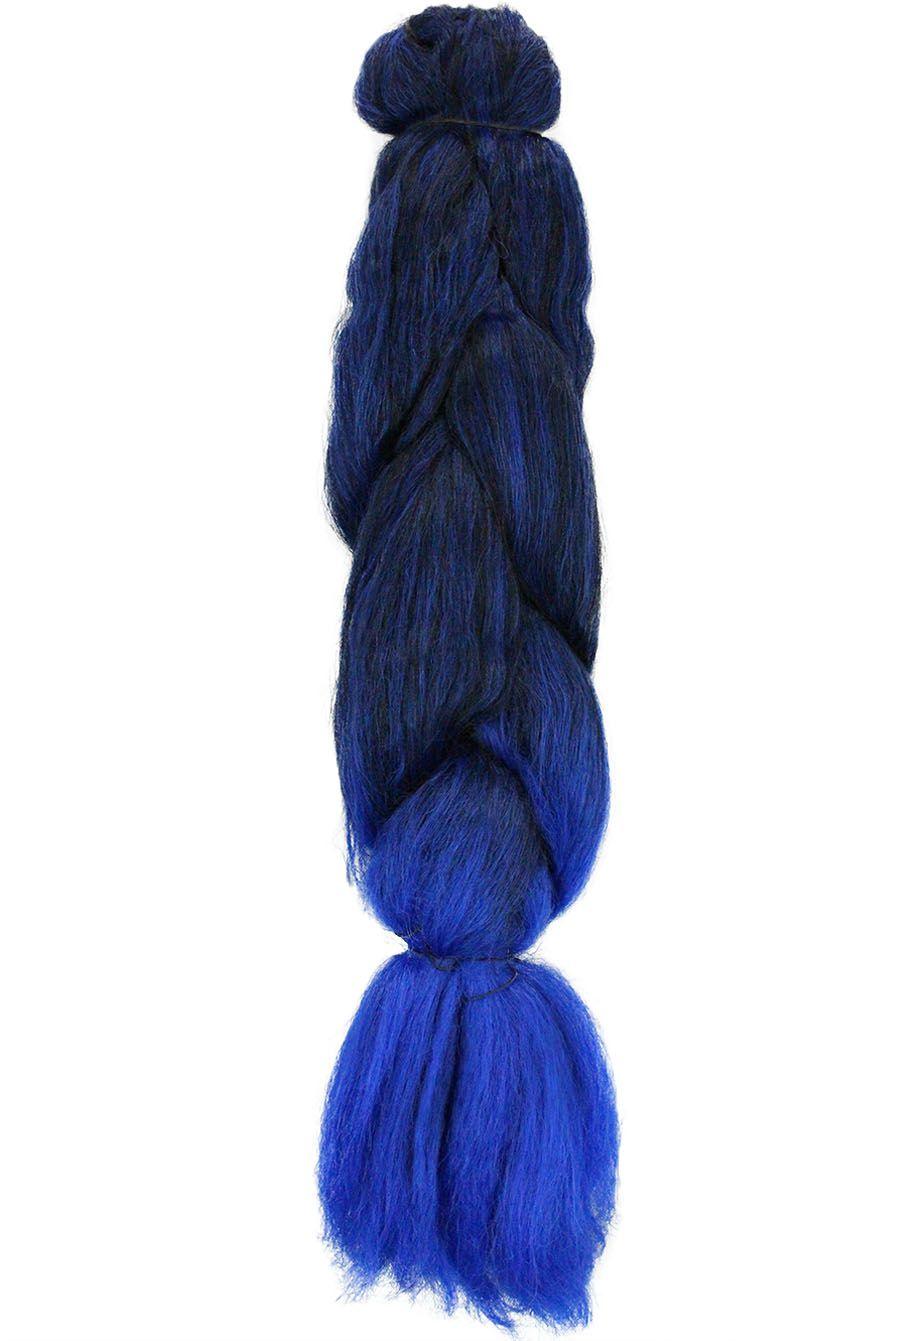 Cabelo Sintético - Ser Mulher - Jumbo (399g) - Cor: Preto com Azul (T1B/BLUE)